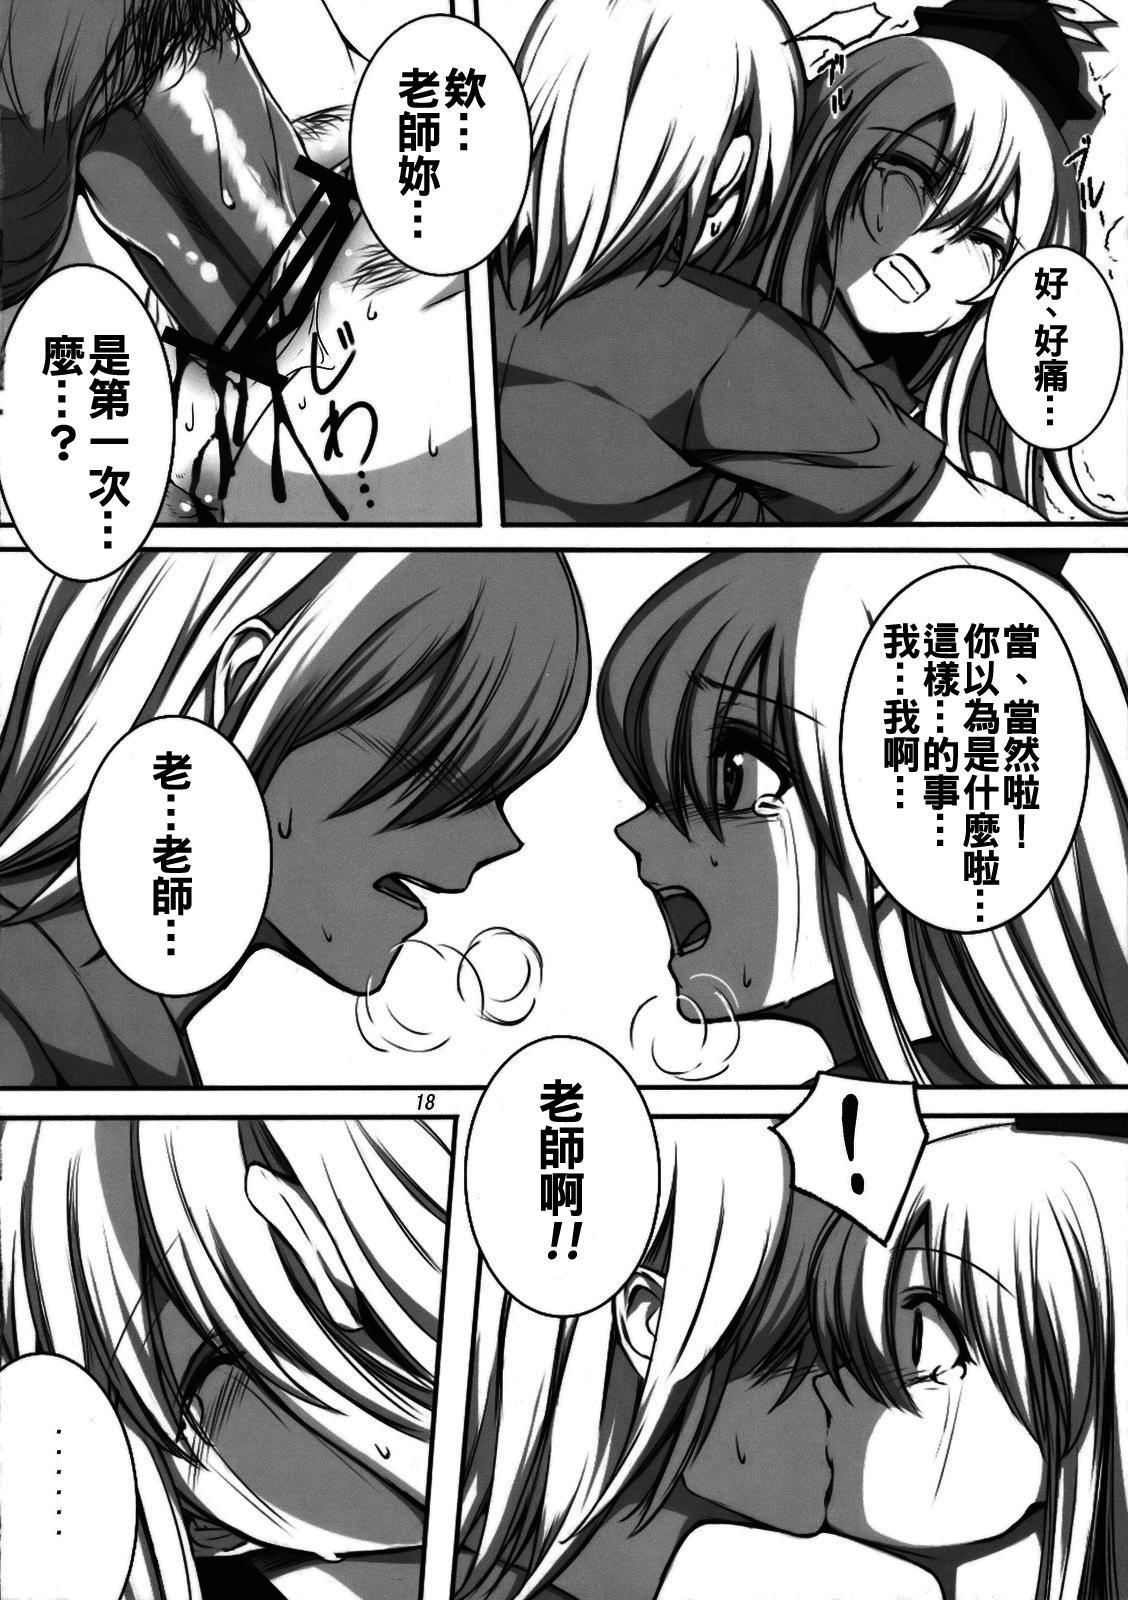 Kanojo no Himitsu 18